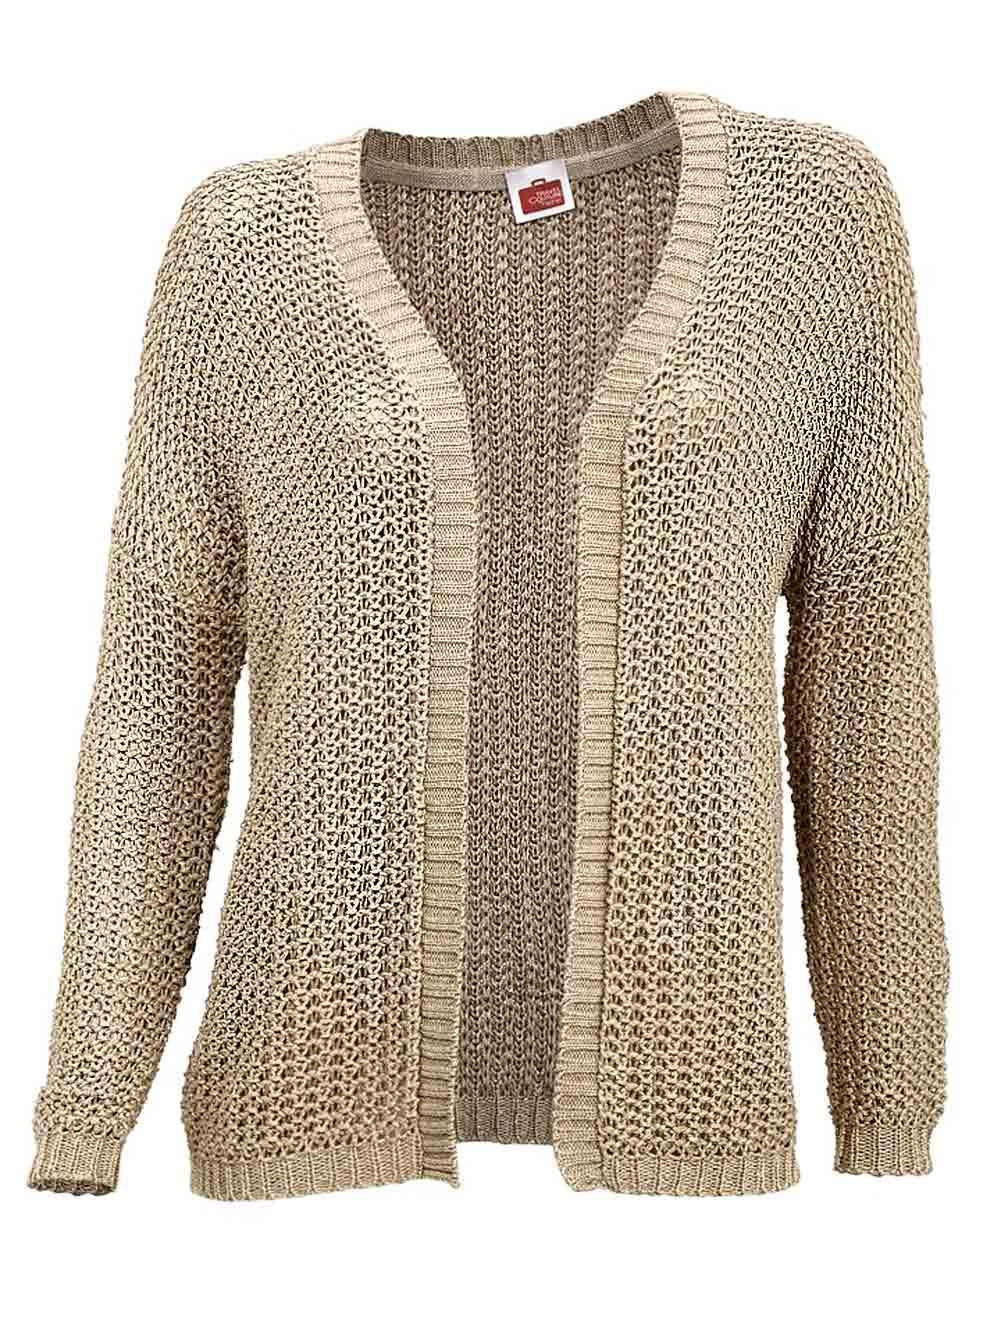 gut aus x Original Für Original auswählen Strickjacke goldfarben | Strickwaren | Outlet Mode-Shop